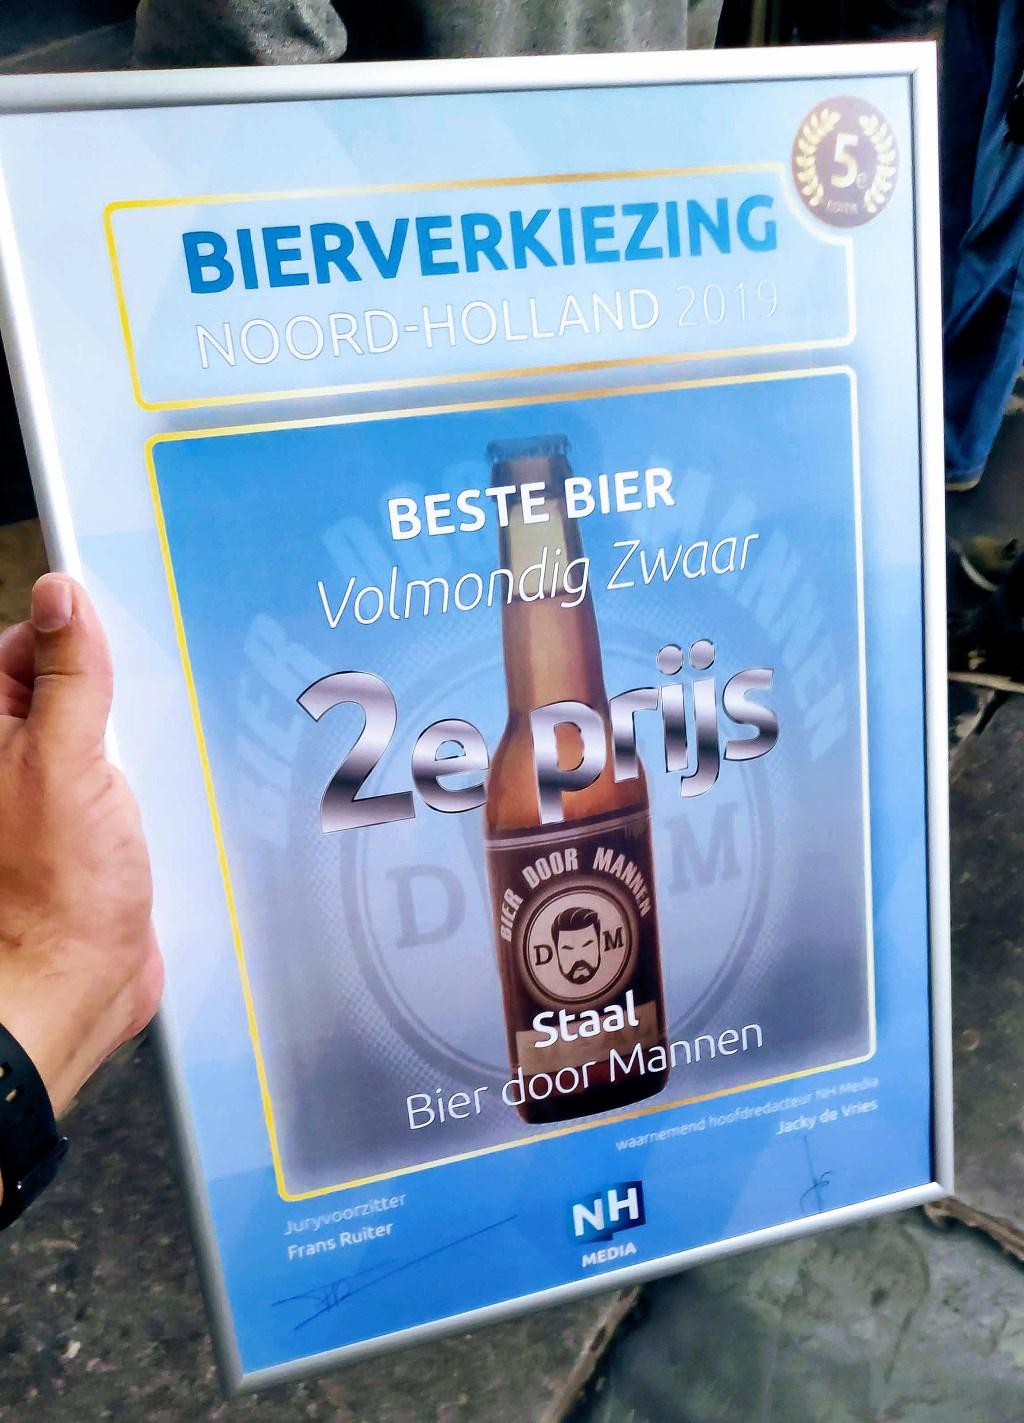 De prijs voor de bierbrouwers uit Uitgeest.   © Uitkijkpost Media Bv.